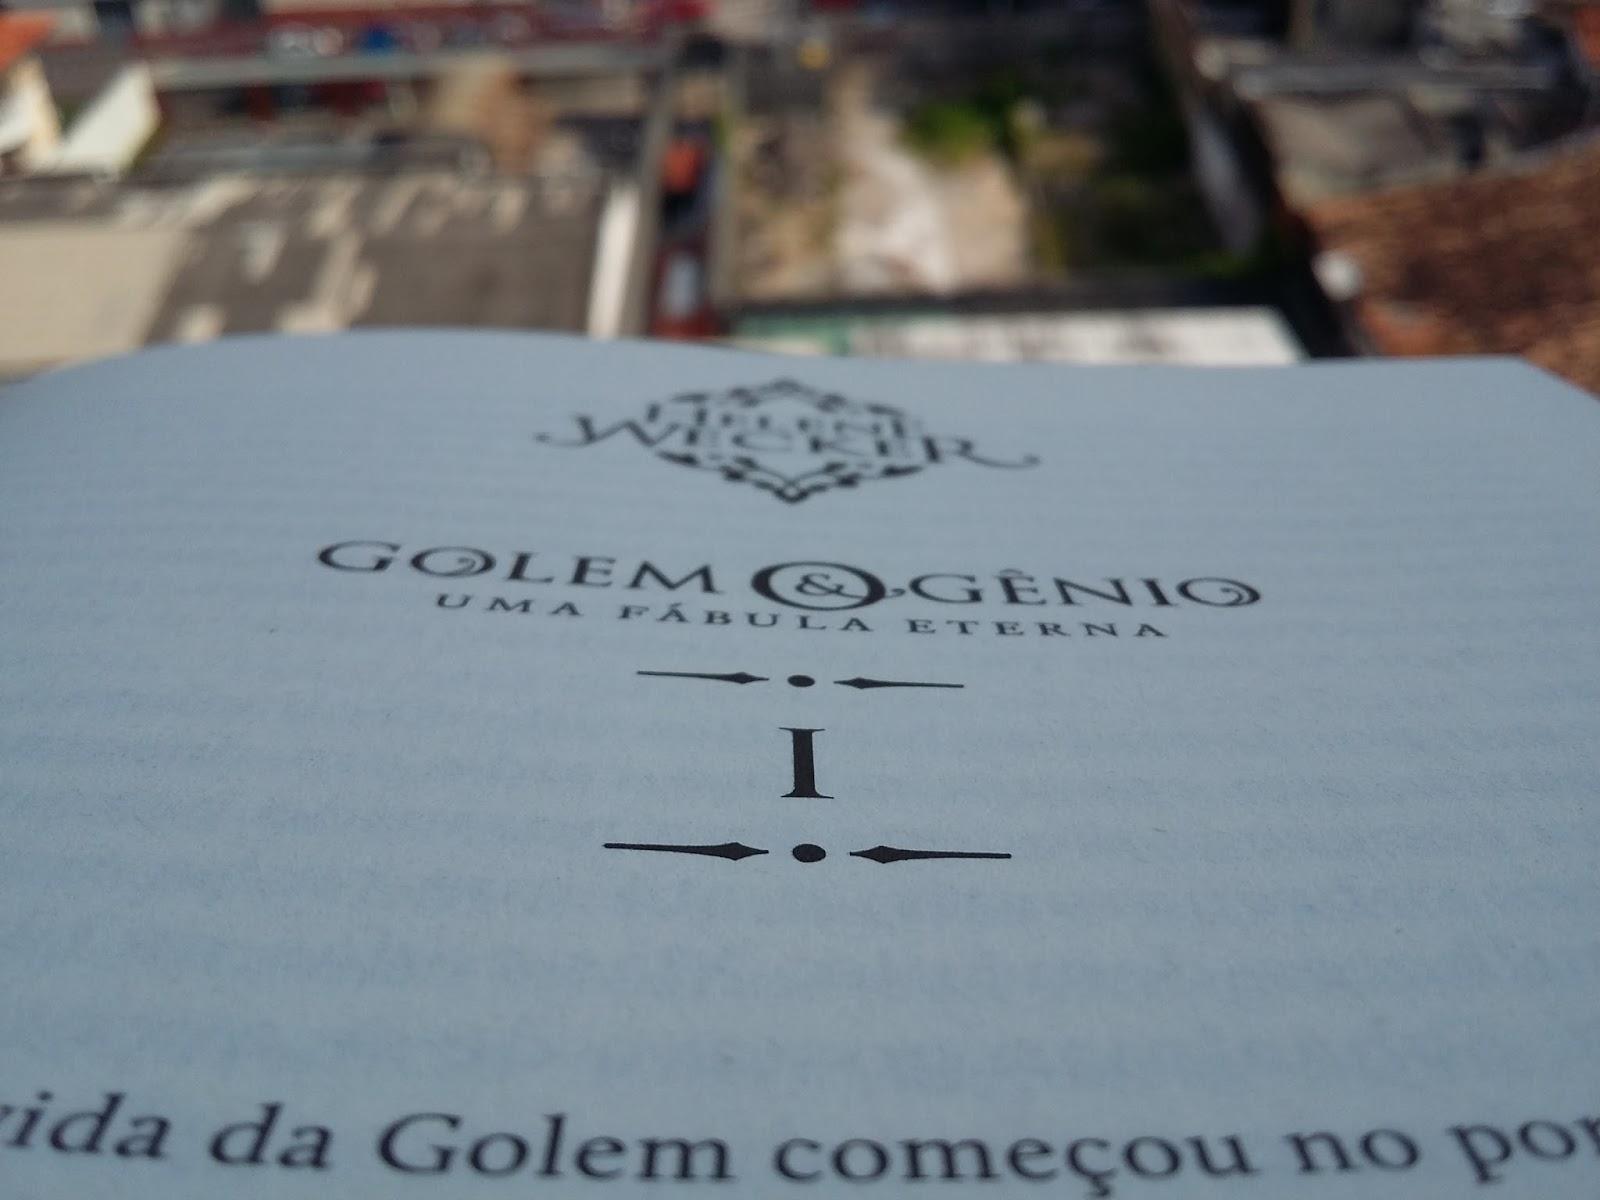 Resenha Golem & o Gênio - Helene Wecker; Resenha Golem & o Gênio; Resenha Helene Wecker; Golem & o Gênio Helene Wecker; Golem & o Gênio Darkside Books